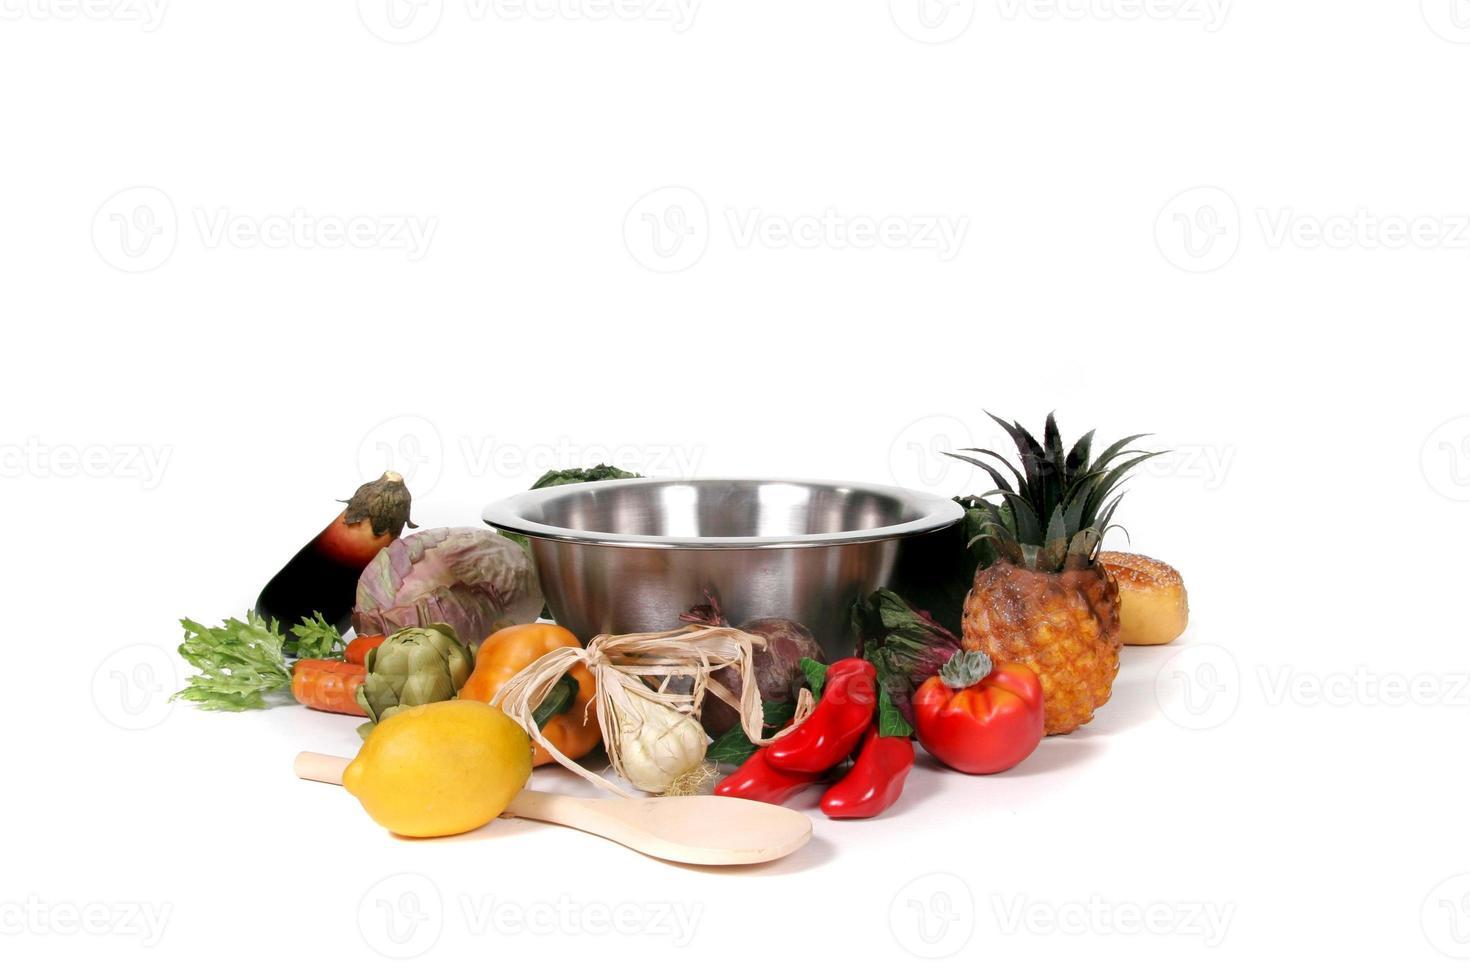 Kochen mit Food Fantasy-Fotohintergrund für die digitale Manipulation foto